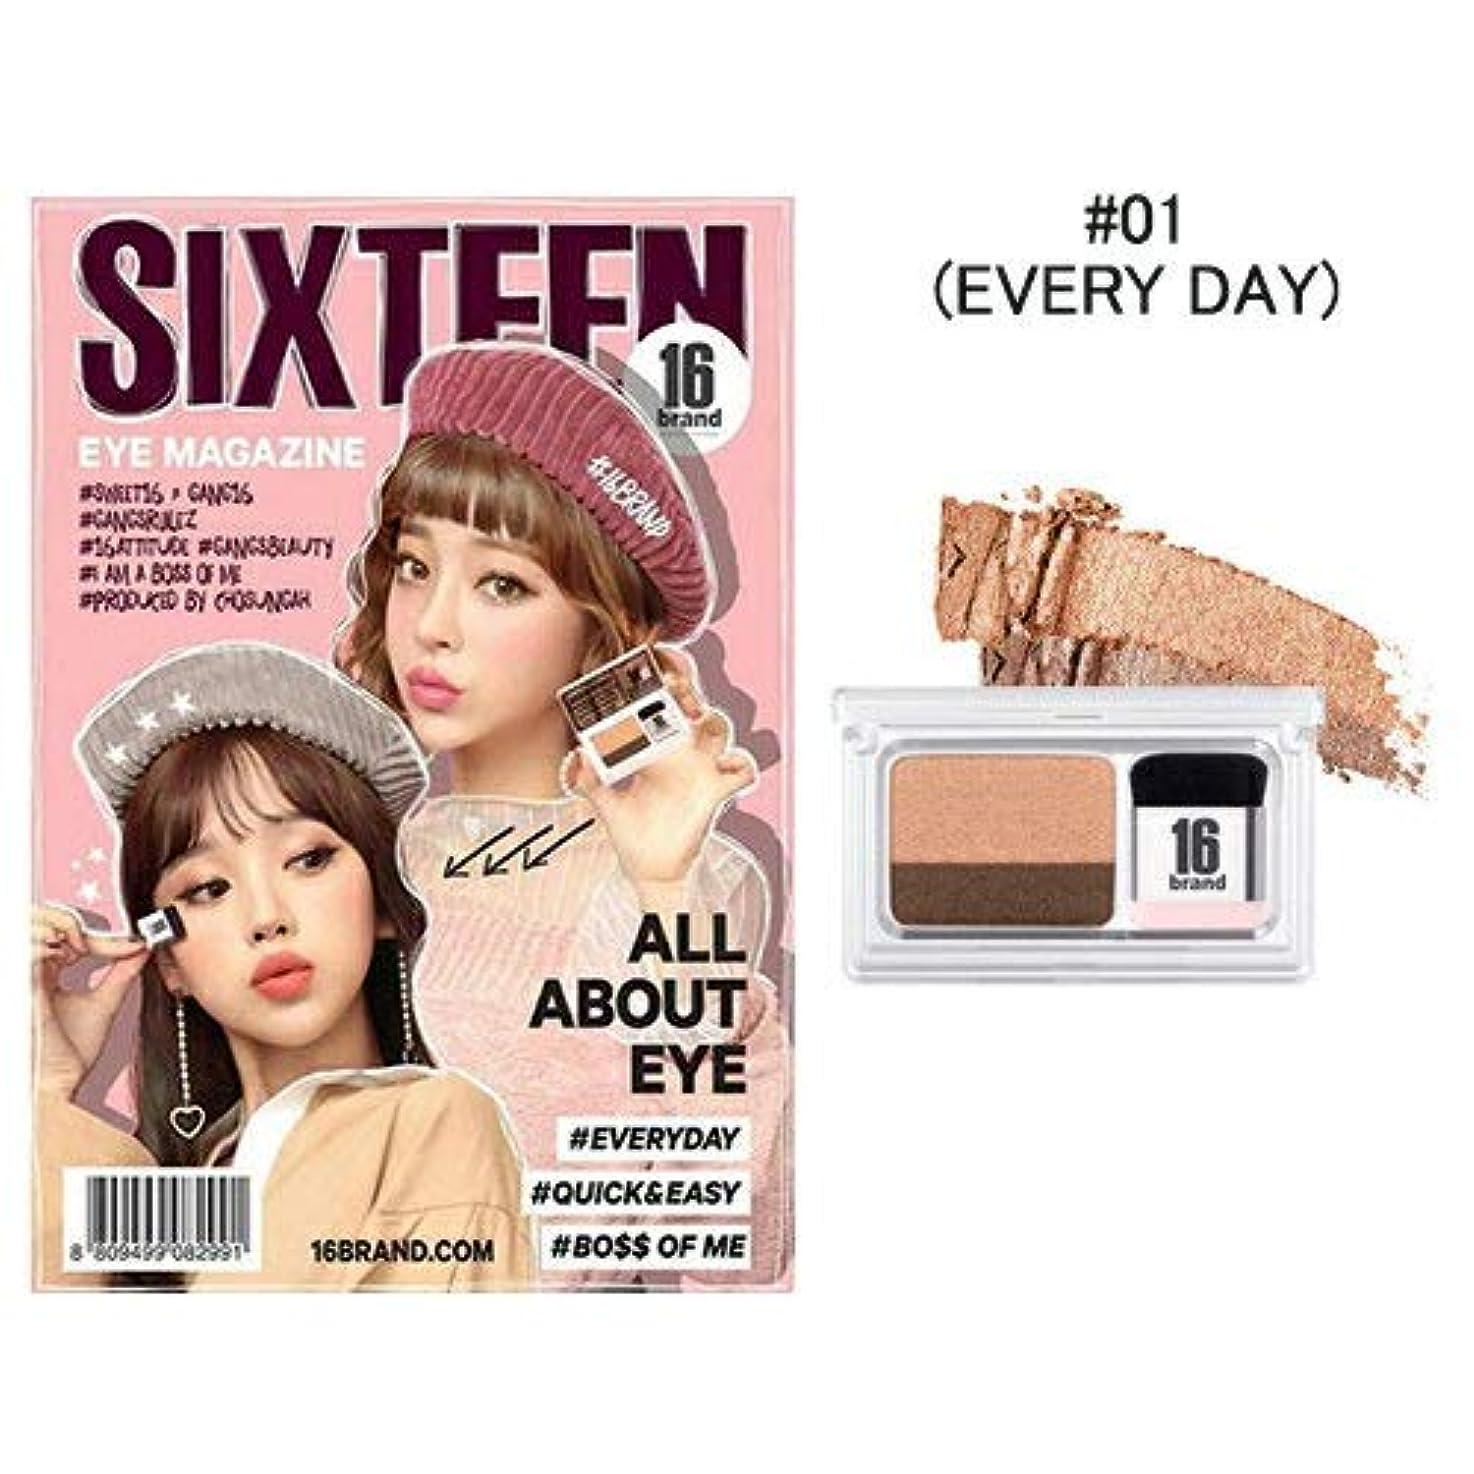 盗難検索ぼかす[New Color] 16brand Sixteen Eye Magazine 2g /16ブランド シックスティーン アイ マガジン 2g (#01 EVERY DAY) [並行輸入品]